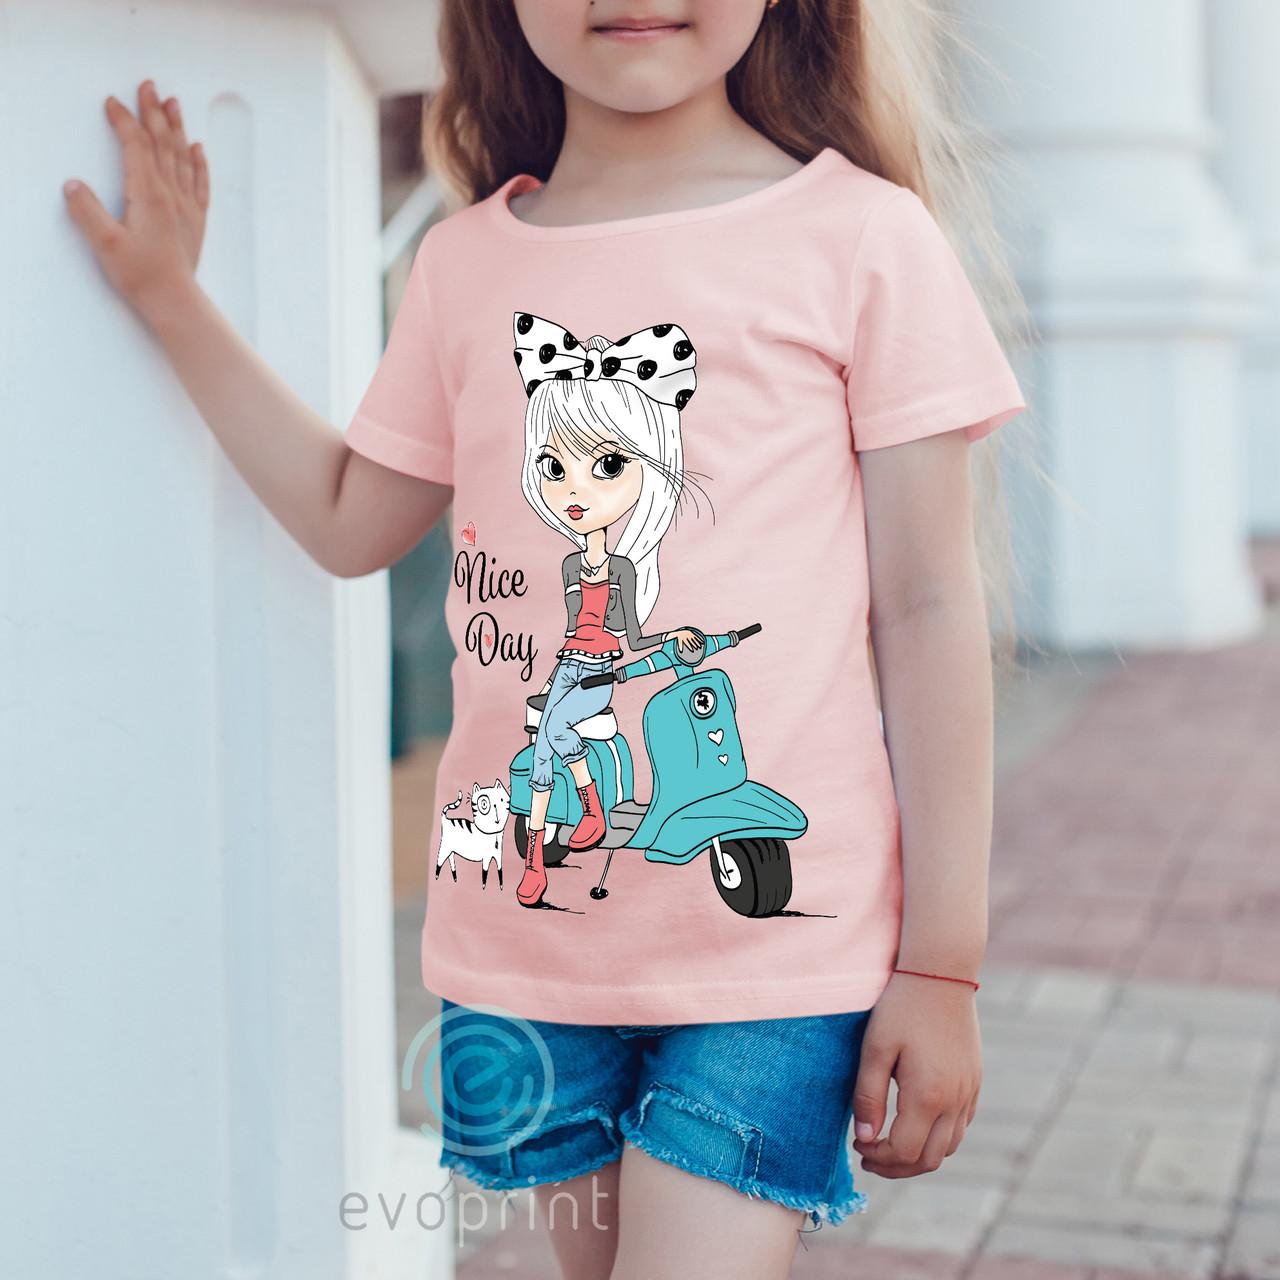 Напечатать на детской одежде